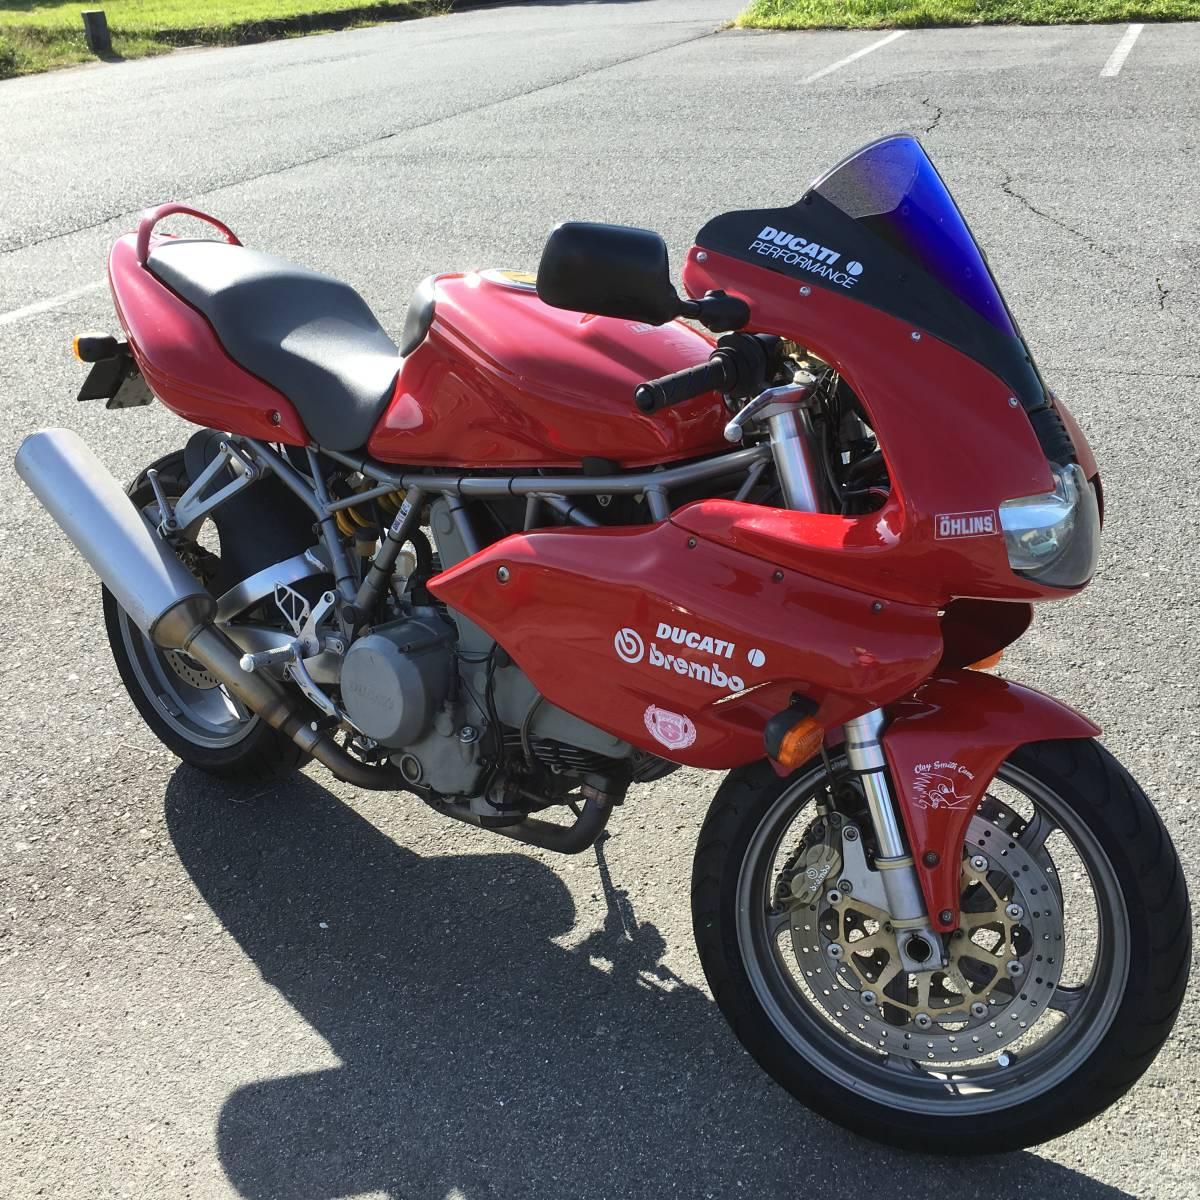 「ドゥカティSS800ieスーパースポーツ!希少美品バイクLツインエンジン車 熊本より」の画像1